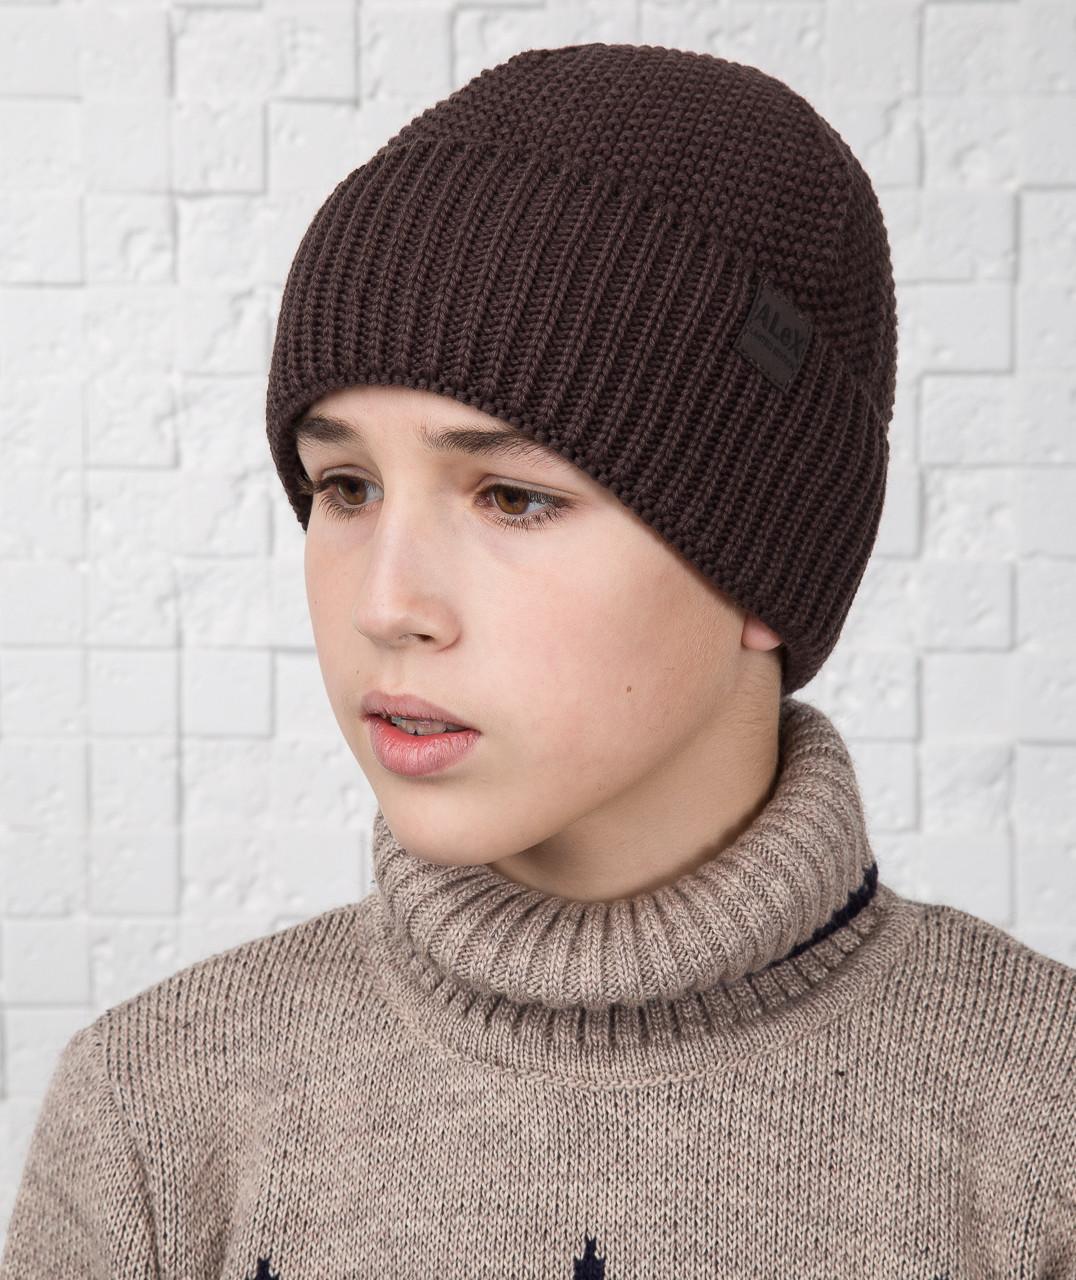 Вязаная шапка для мальчика подростка на флисе - Артикул AL17036